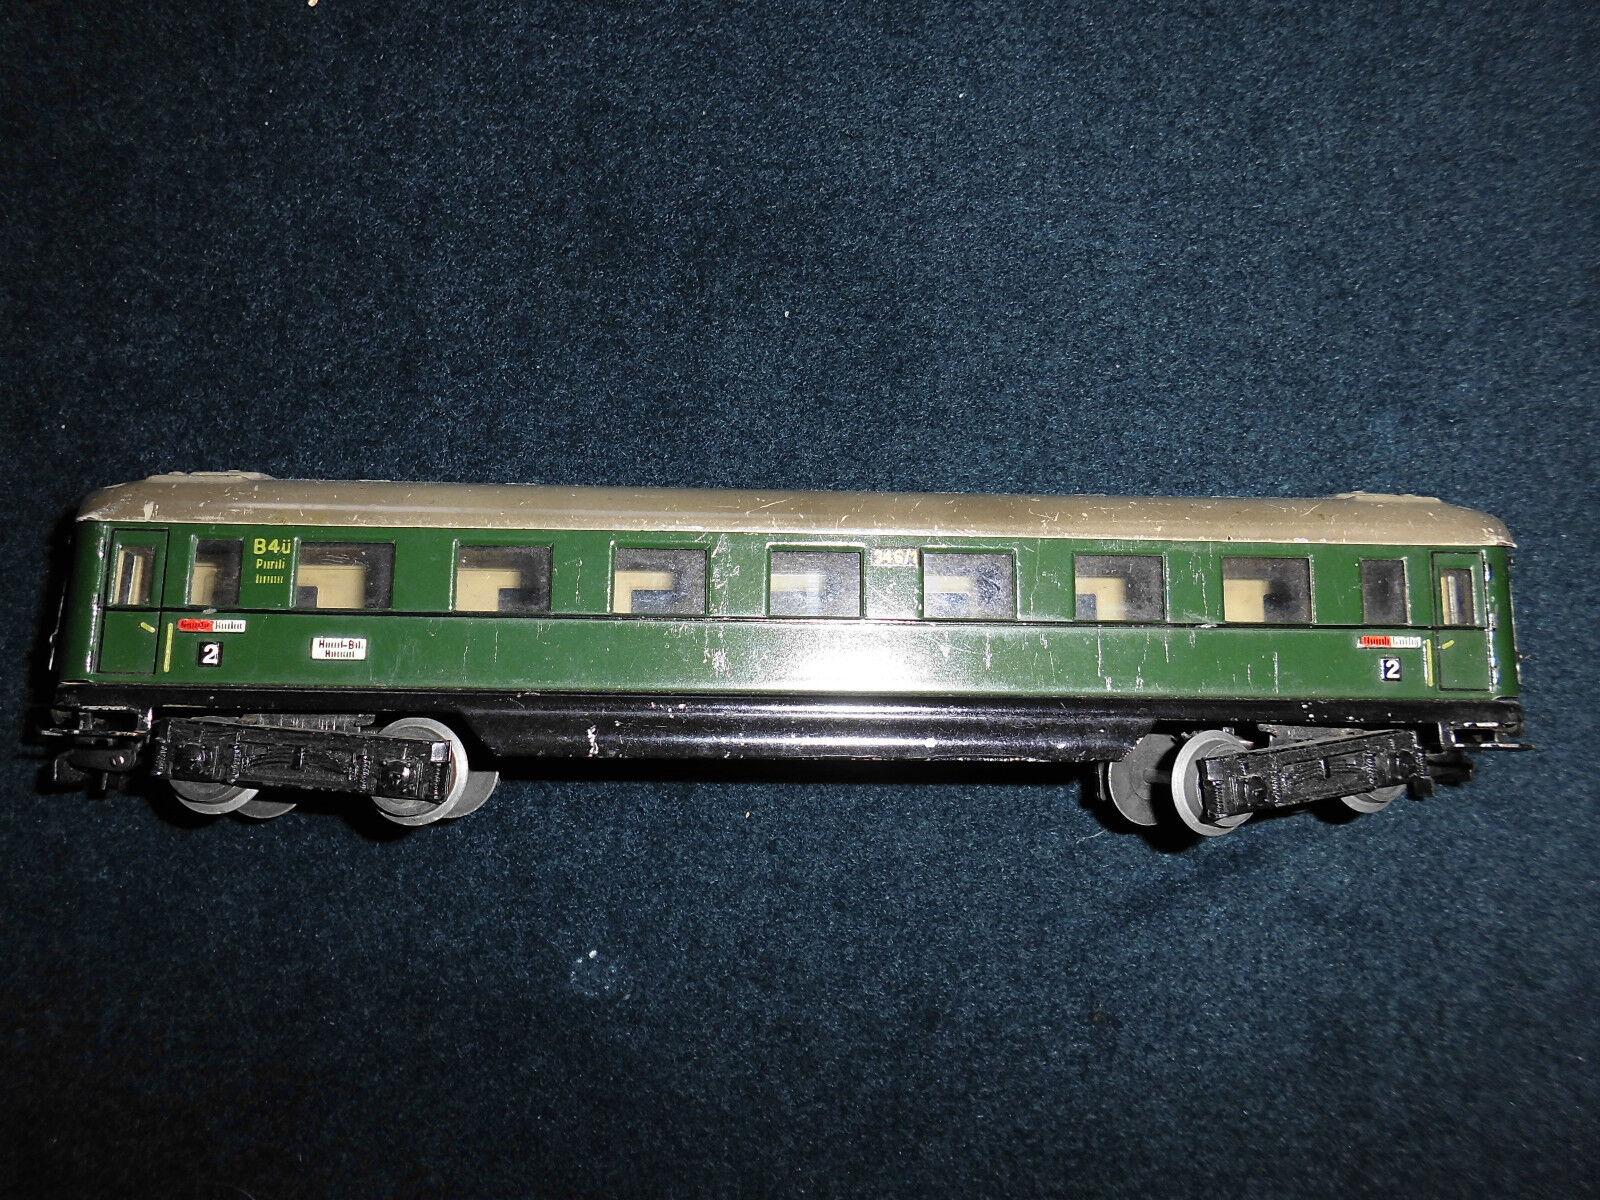 envío rápido en todo el mundo Marklin h0 - - - 346 1 - 4006 D-tren-camión verde 2 ^ KL.  online barato